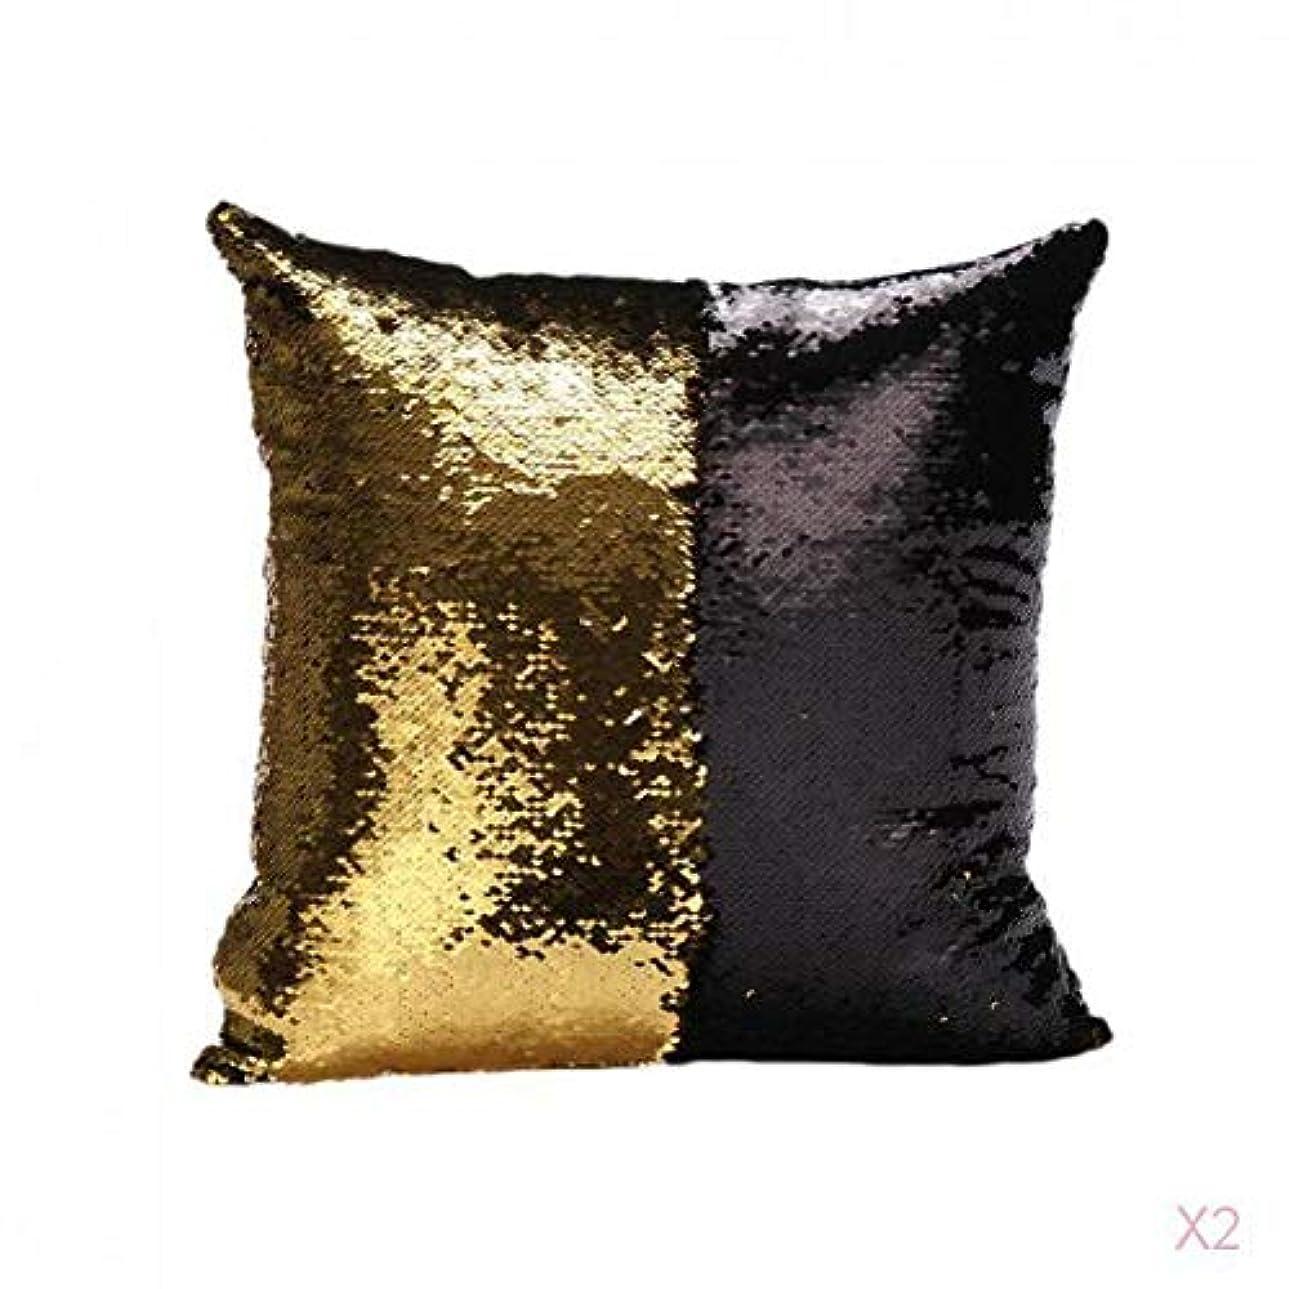 ヒールカートン薄める可逆スエードスパンコールソファ腰クッションカバーベッドの枕カバースリップ黒